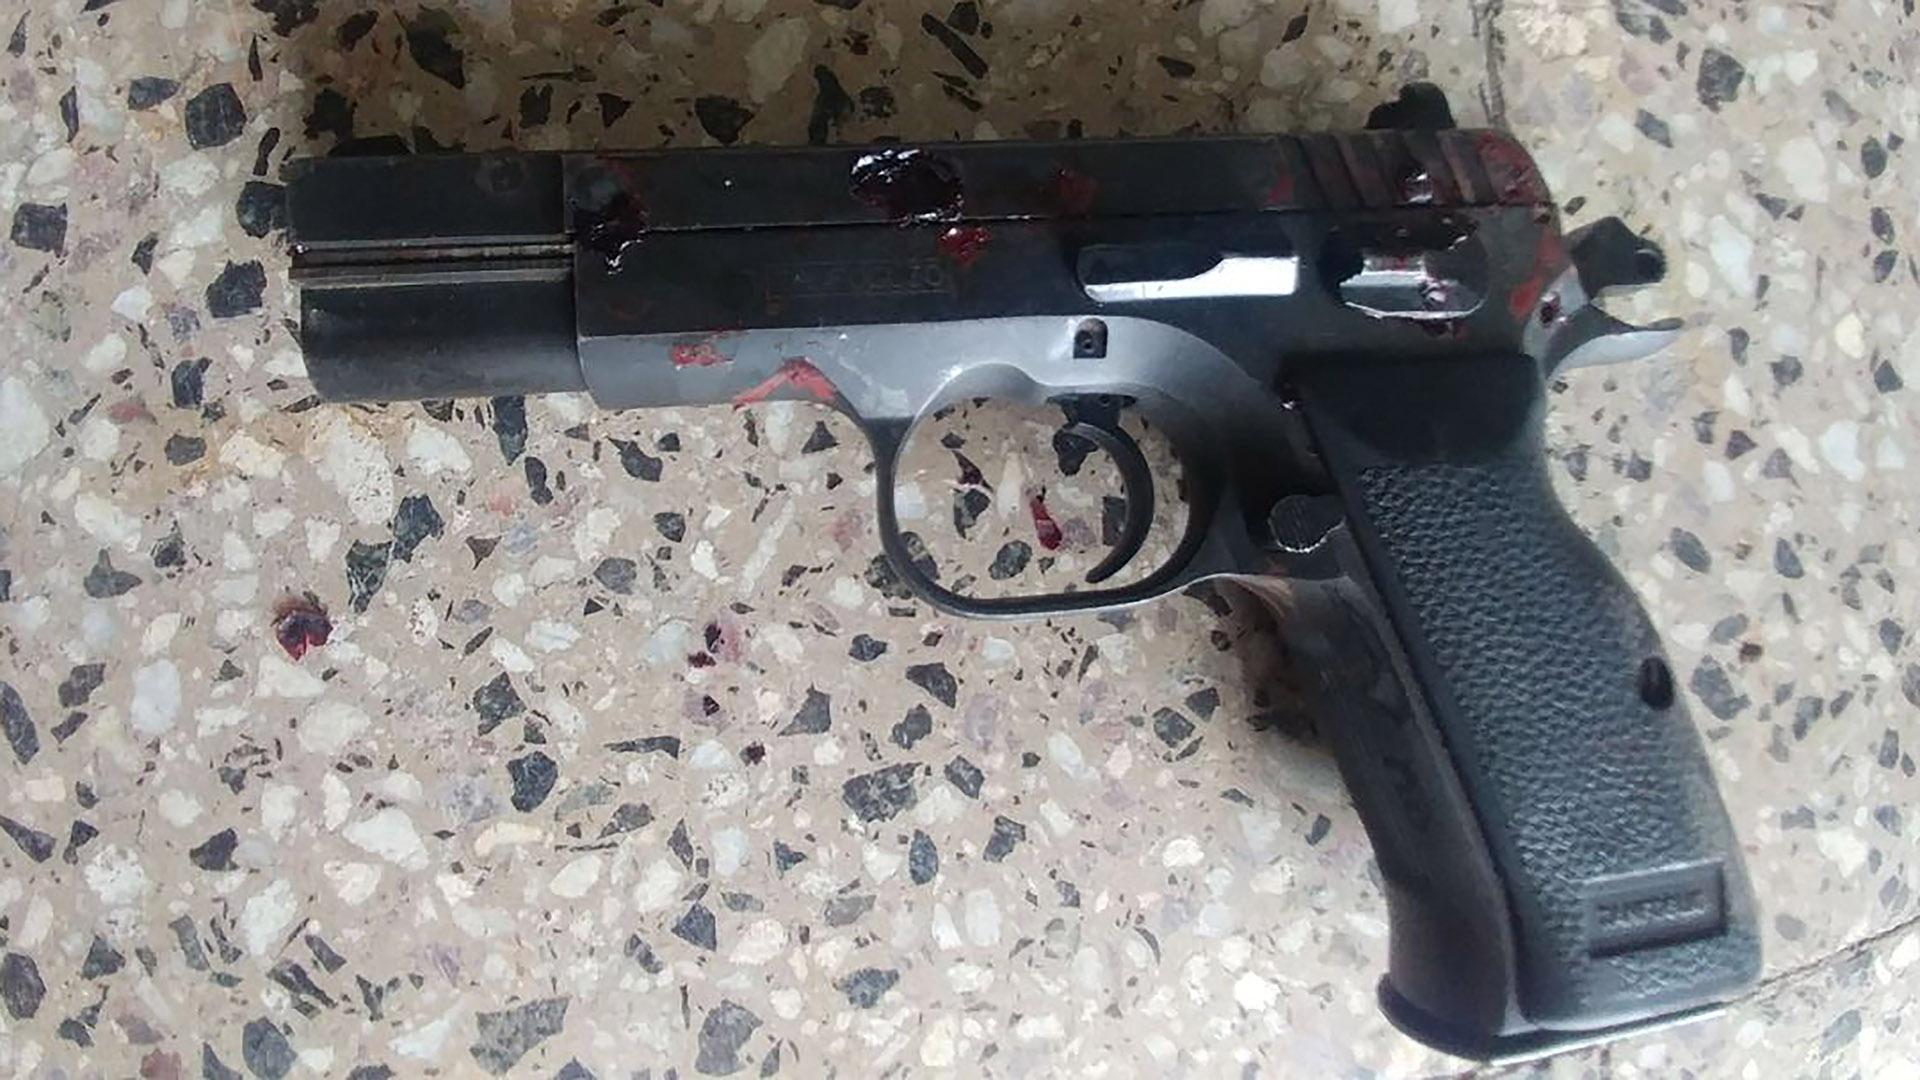 Una de las armas recolectadas por la Policía Científica.